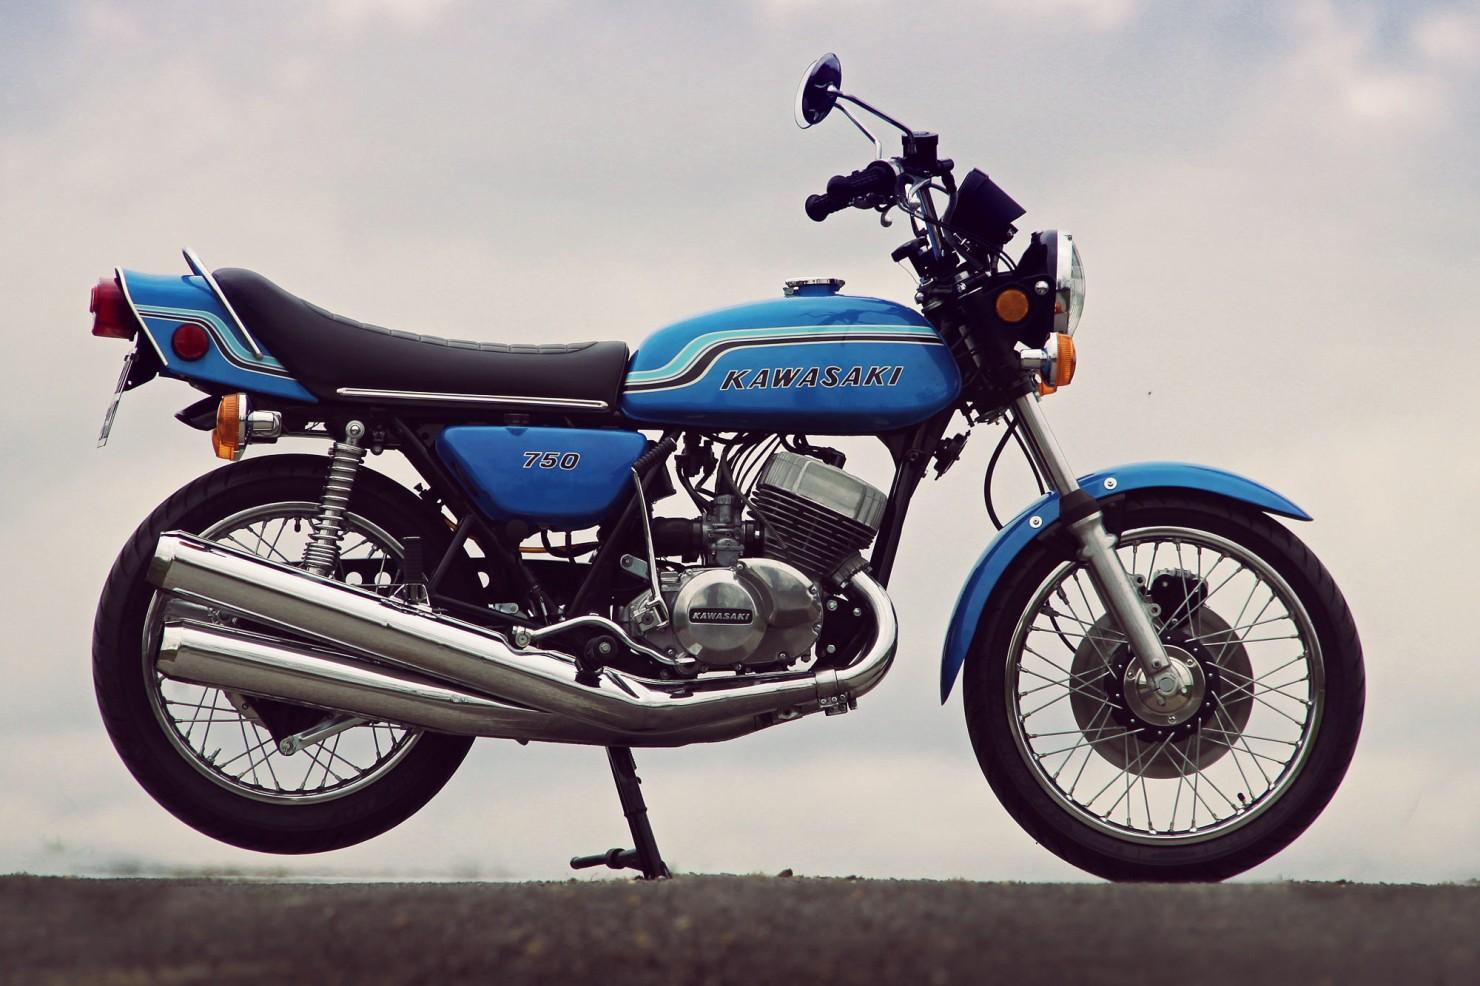 Kawasaki_H2_750_1